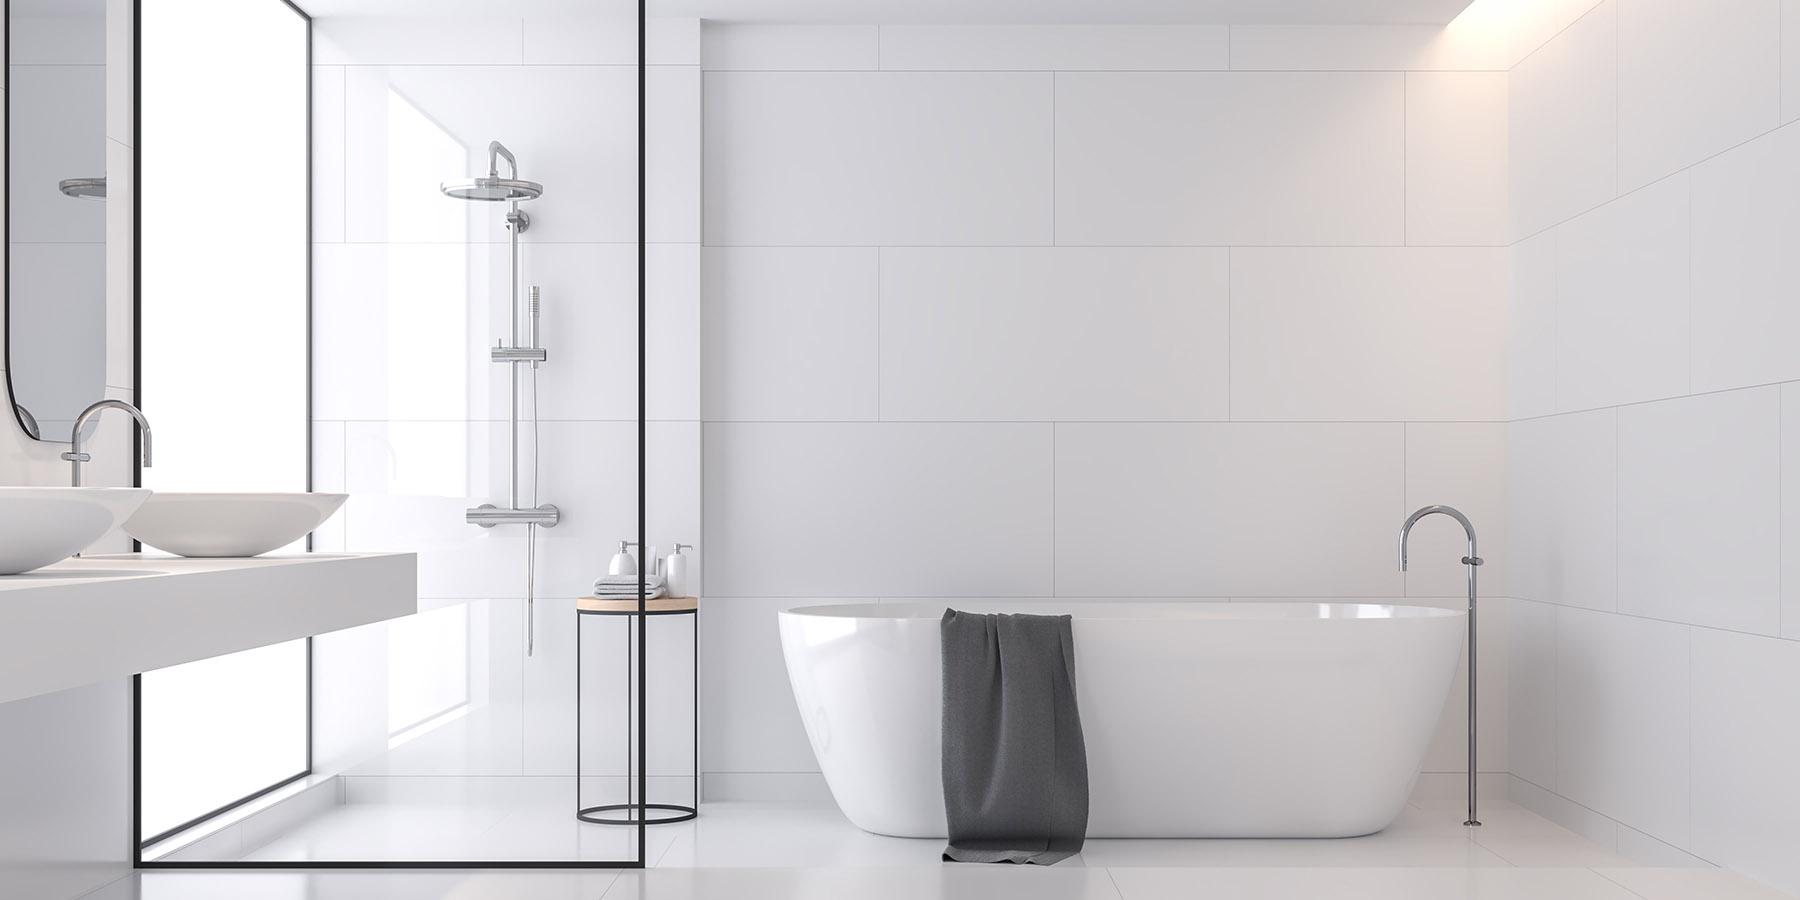 Absolut Bad Blog | Badmöbel - welche Farbe ist die richtige?